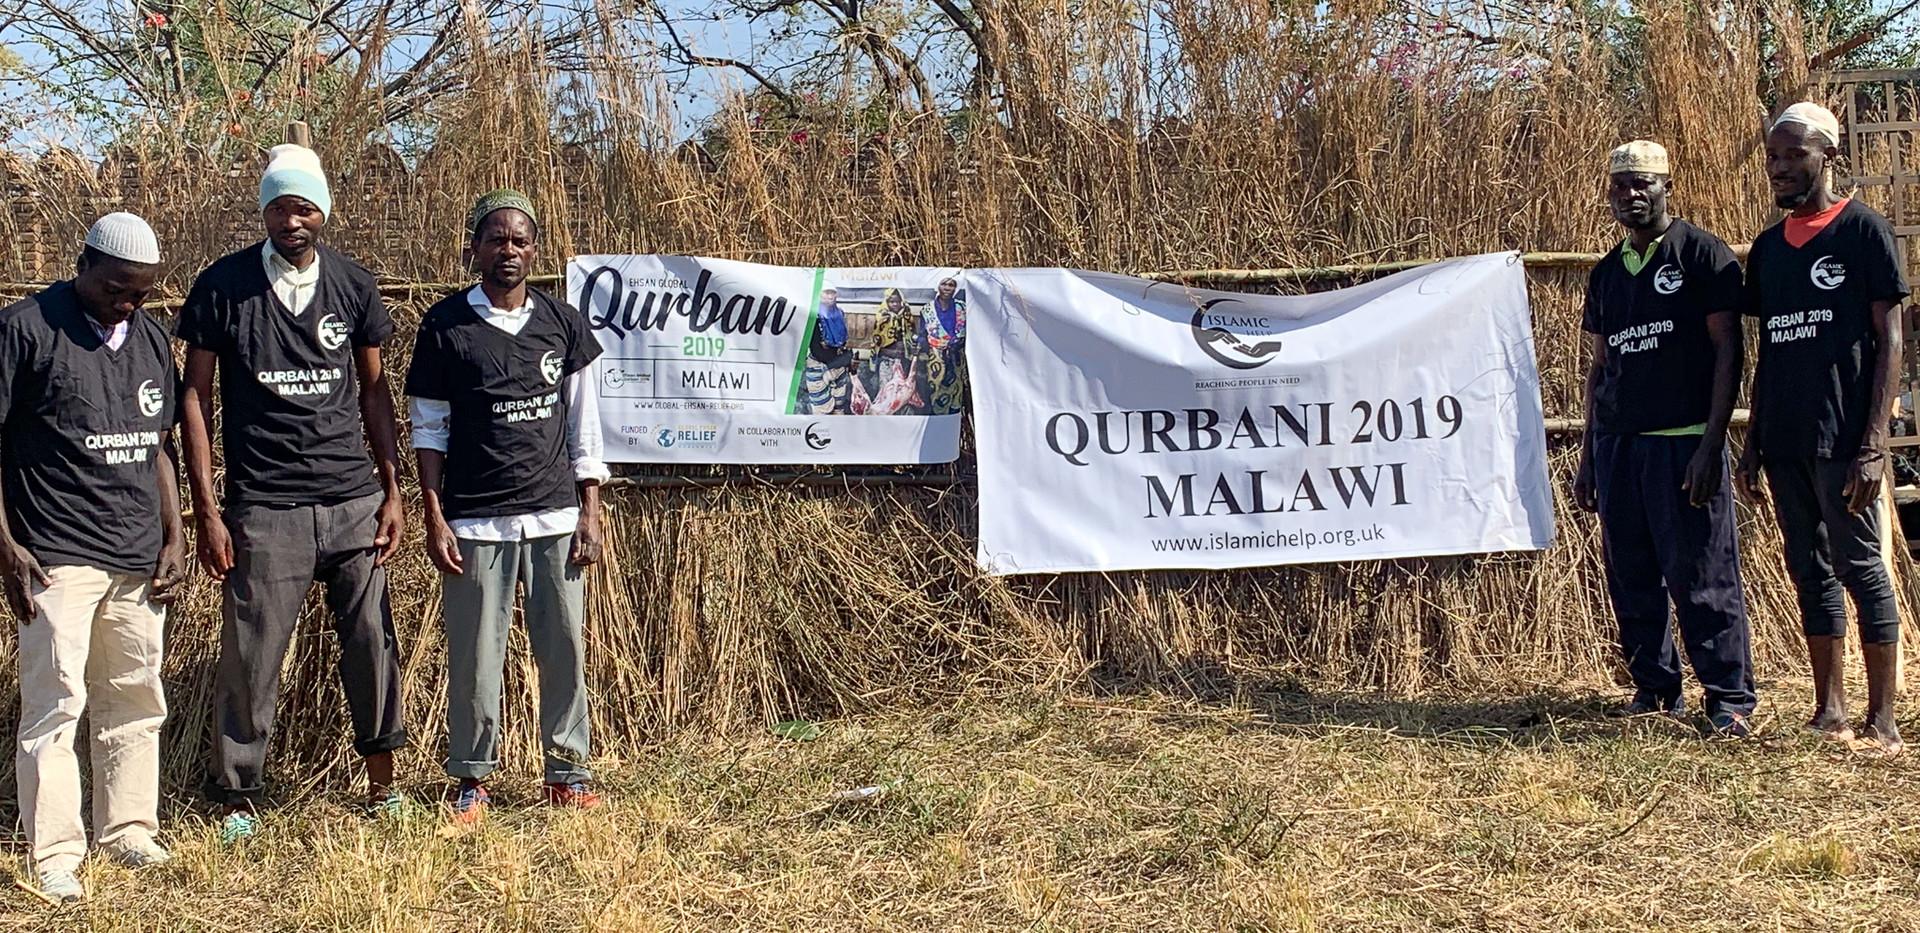 Malawi_Qurban 2019